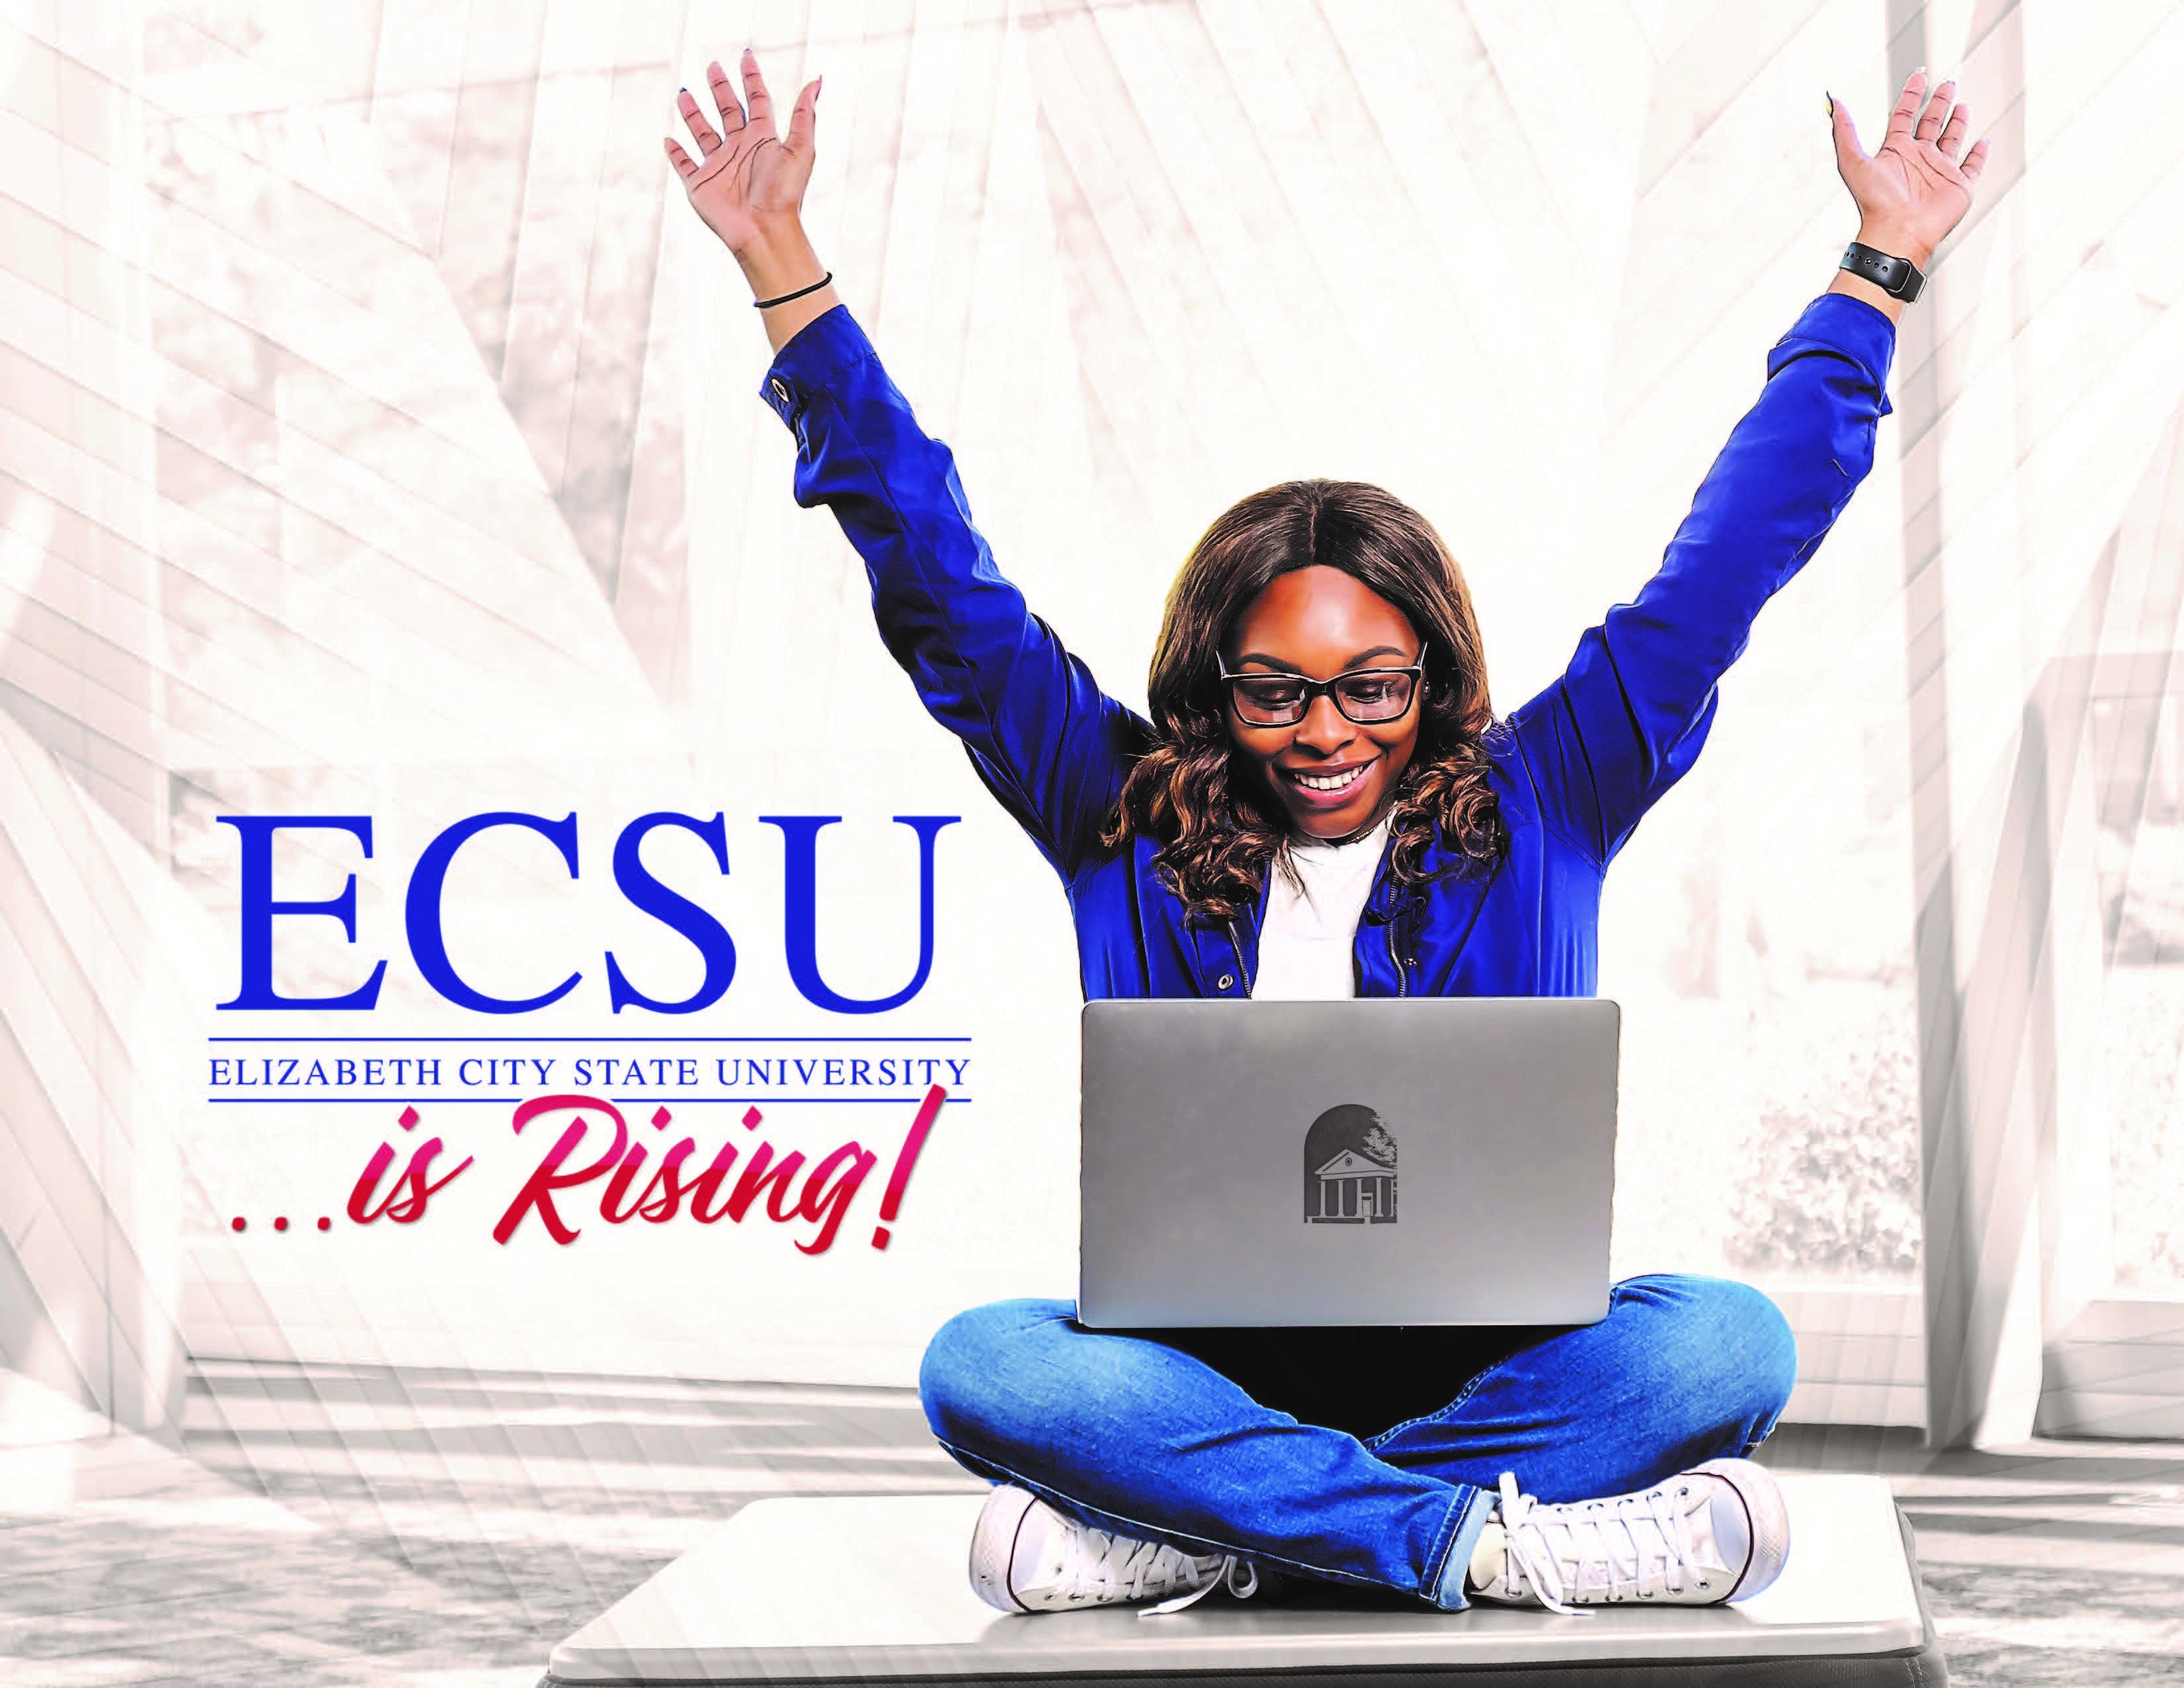 Ecsu rising